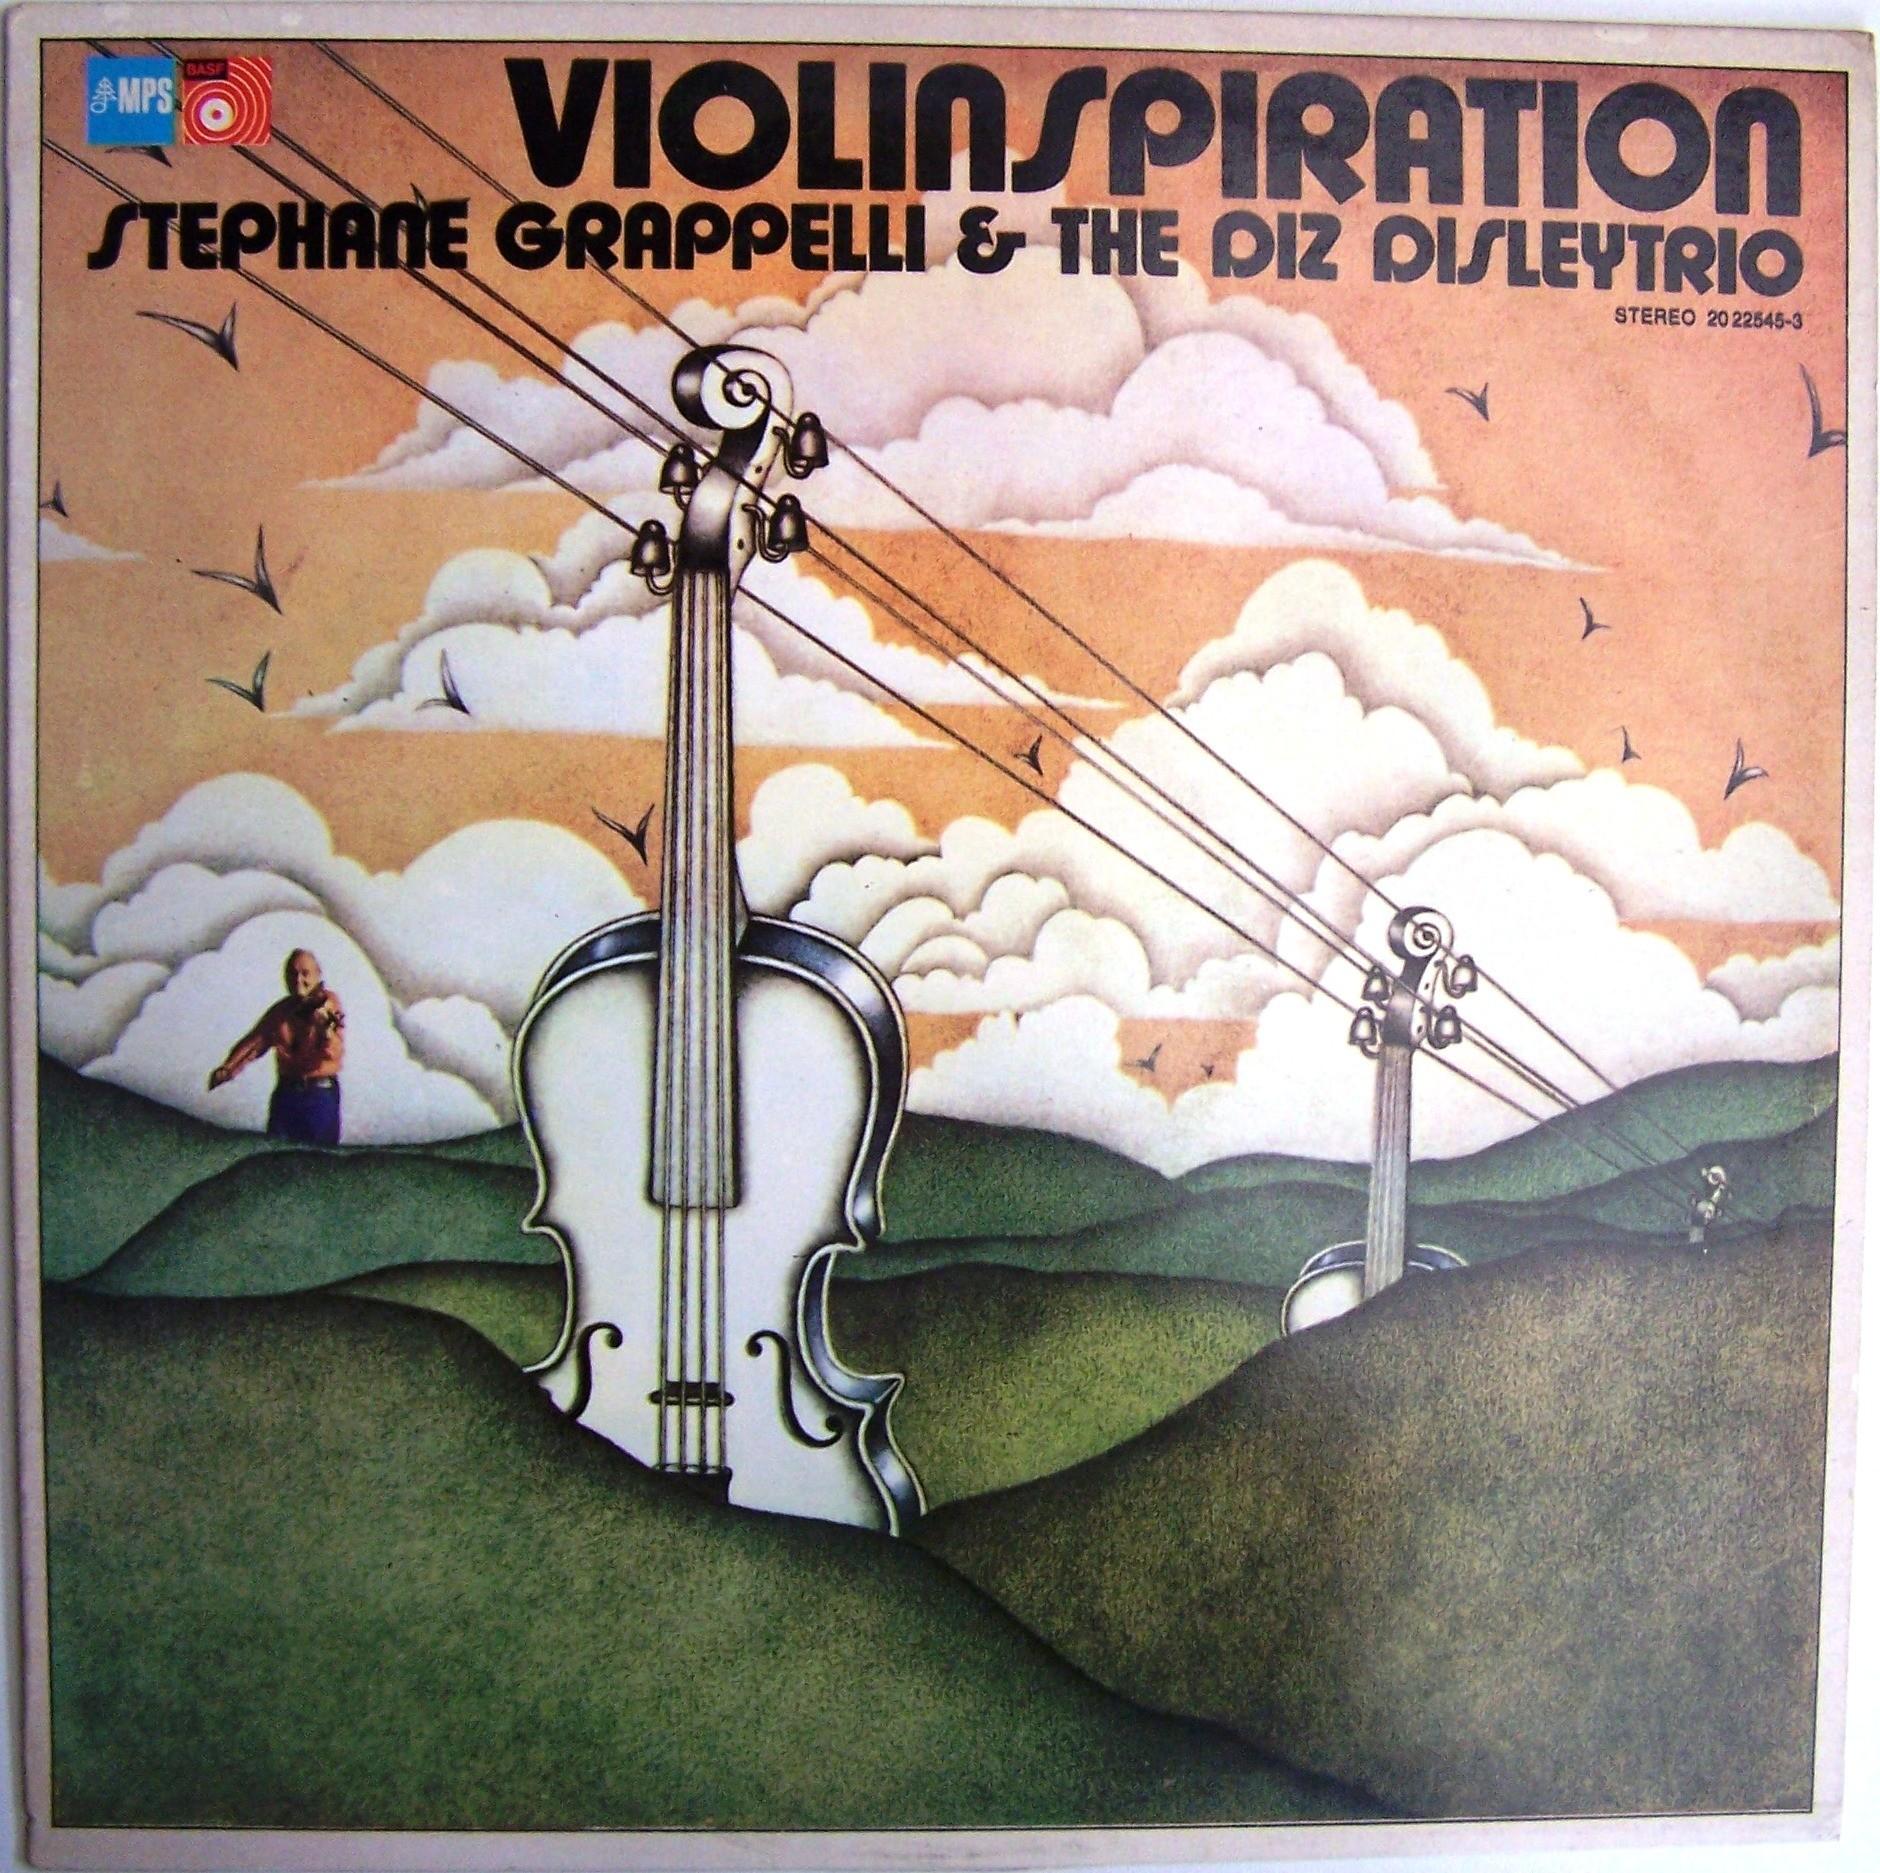 Grappelli Stephane The Diz Disleytrio - Violinspiration